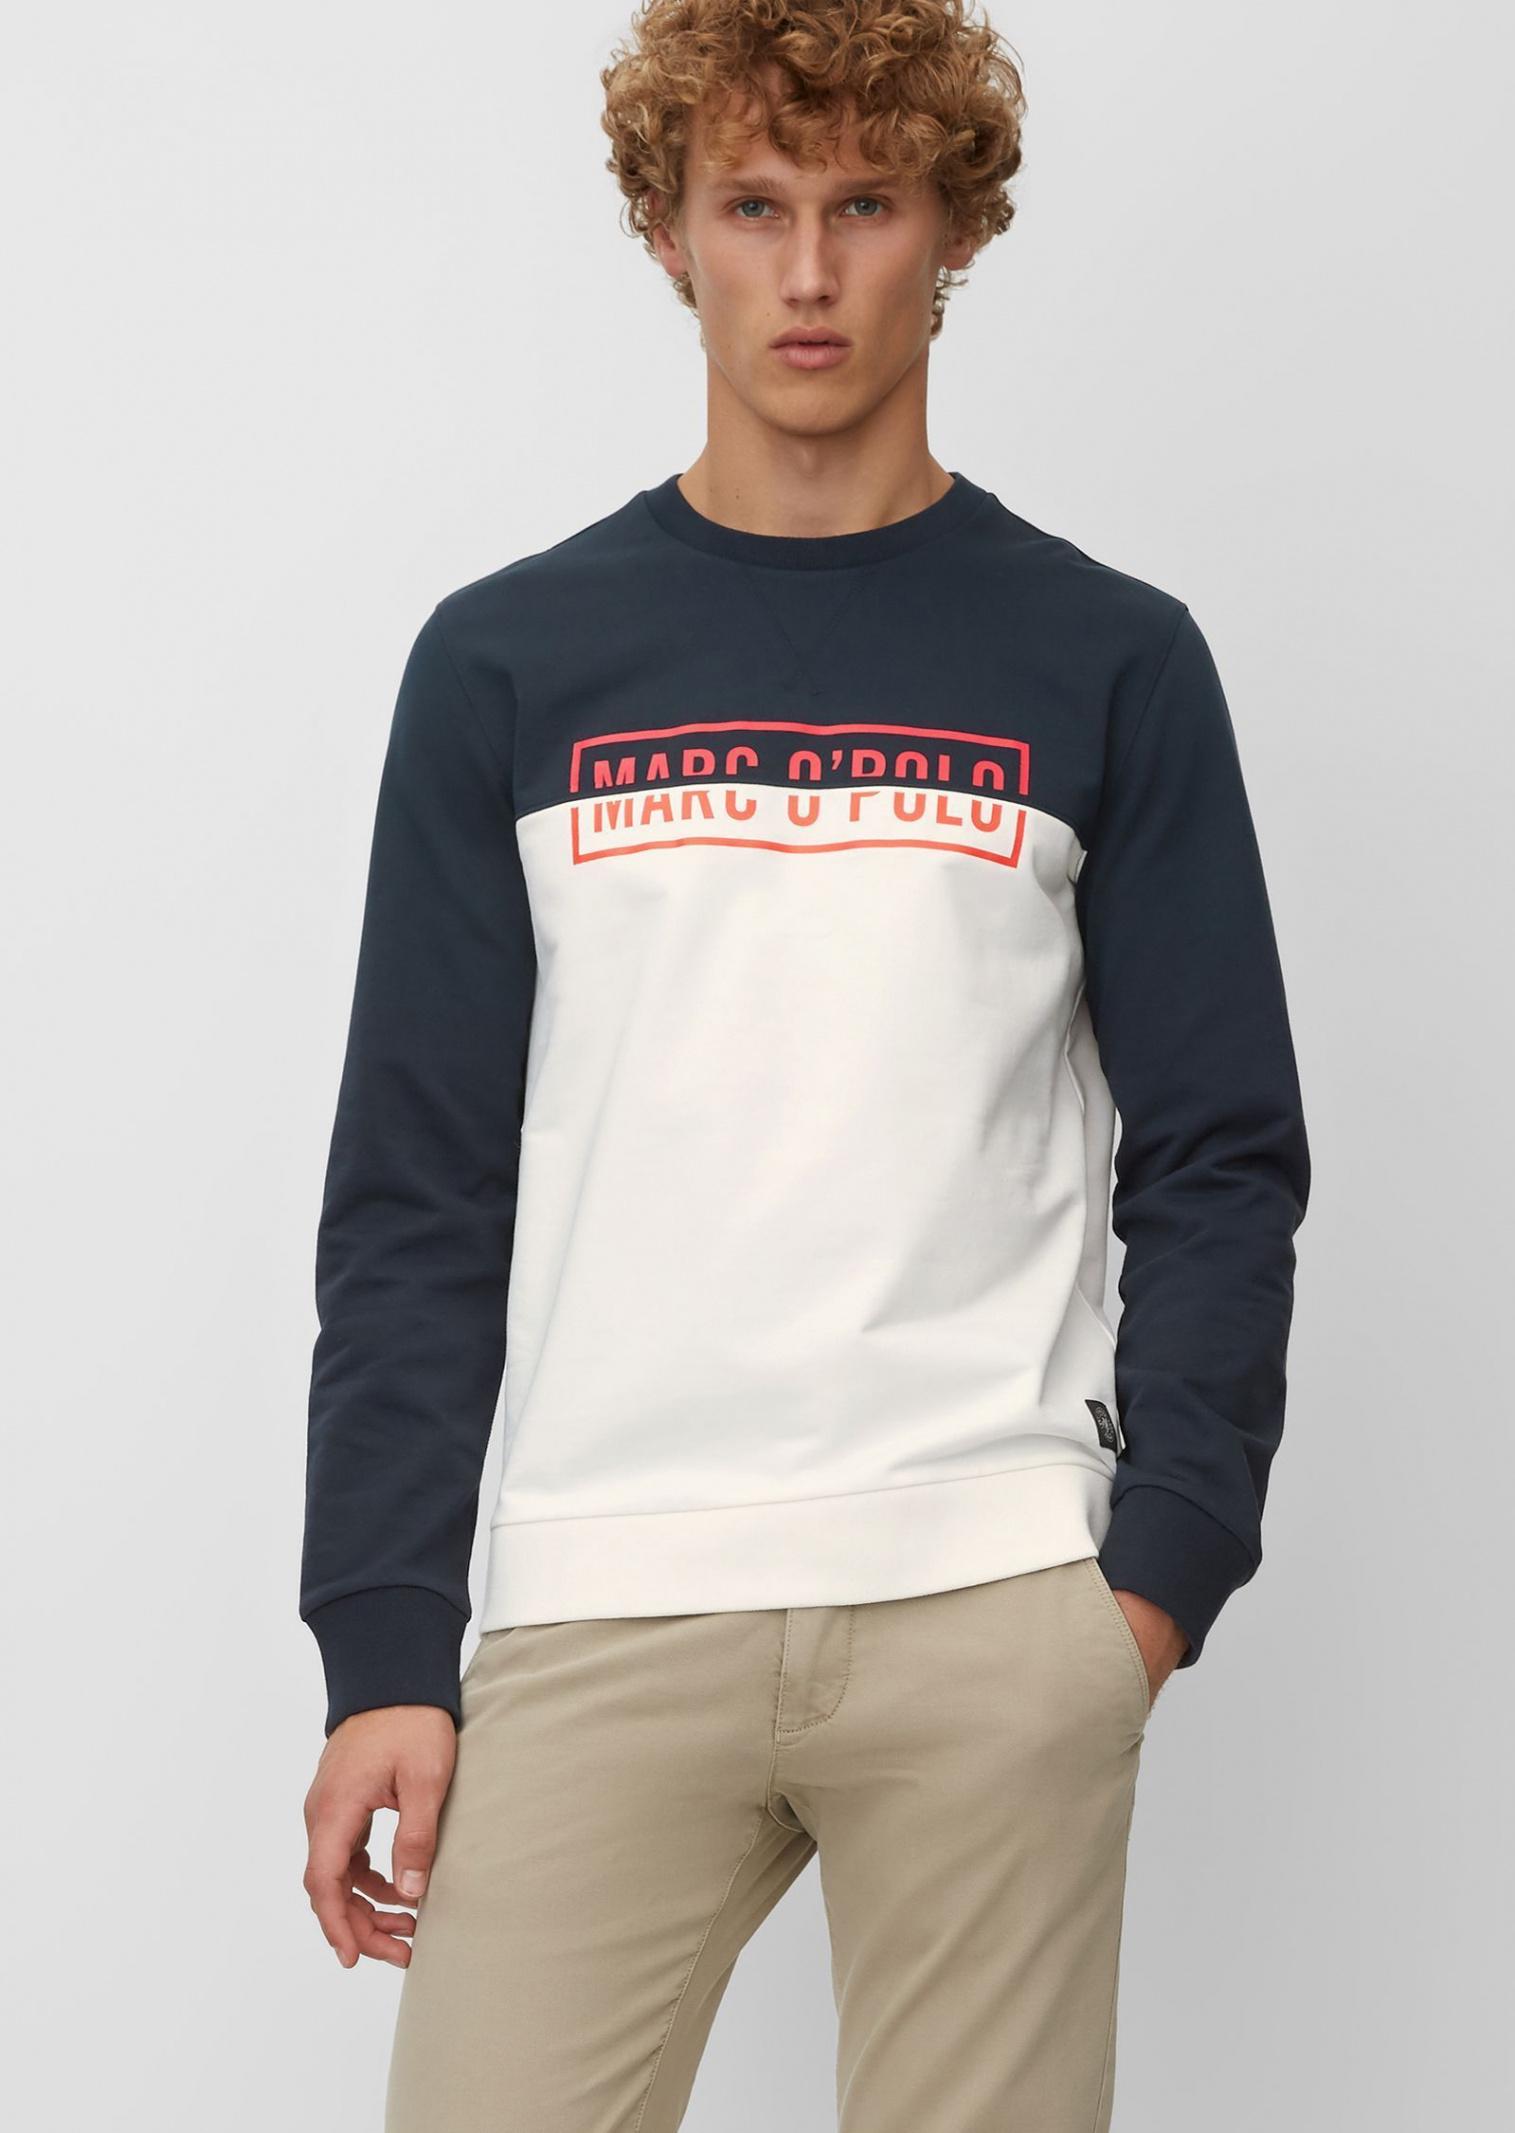 MARC O'POLO Кофти та светри чоловічі модель 020403354256-896 придбати, 2017